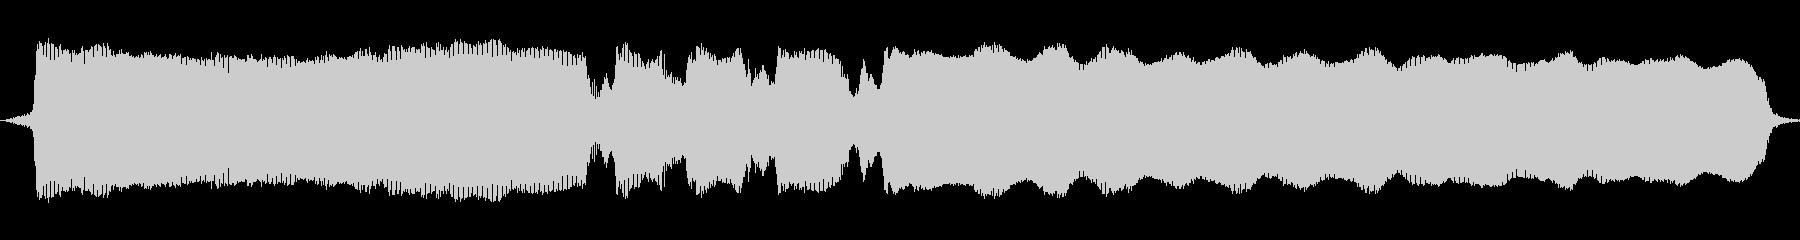 こぶし01(F)の未再生の波形